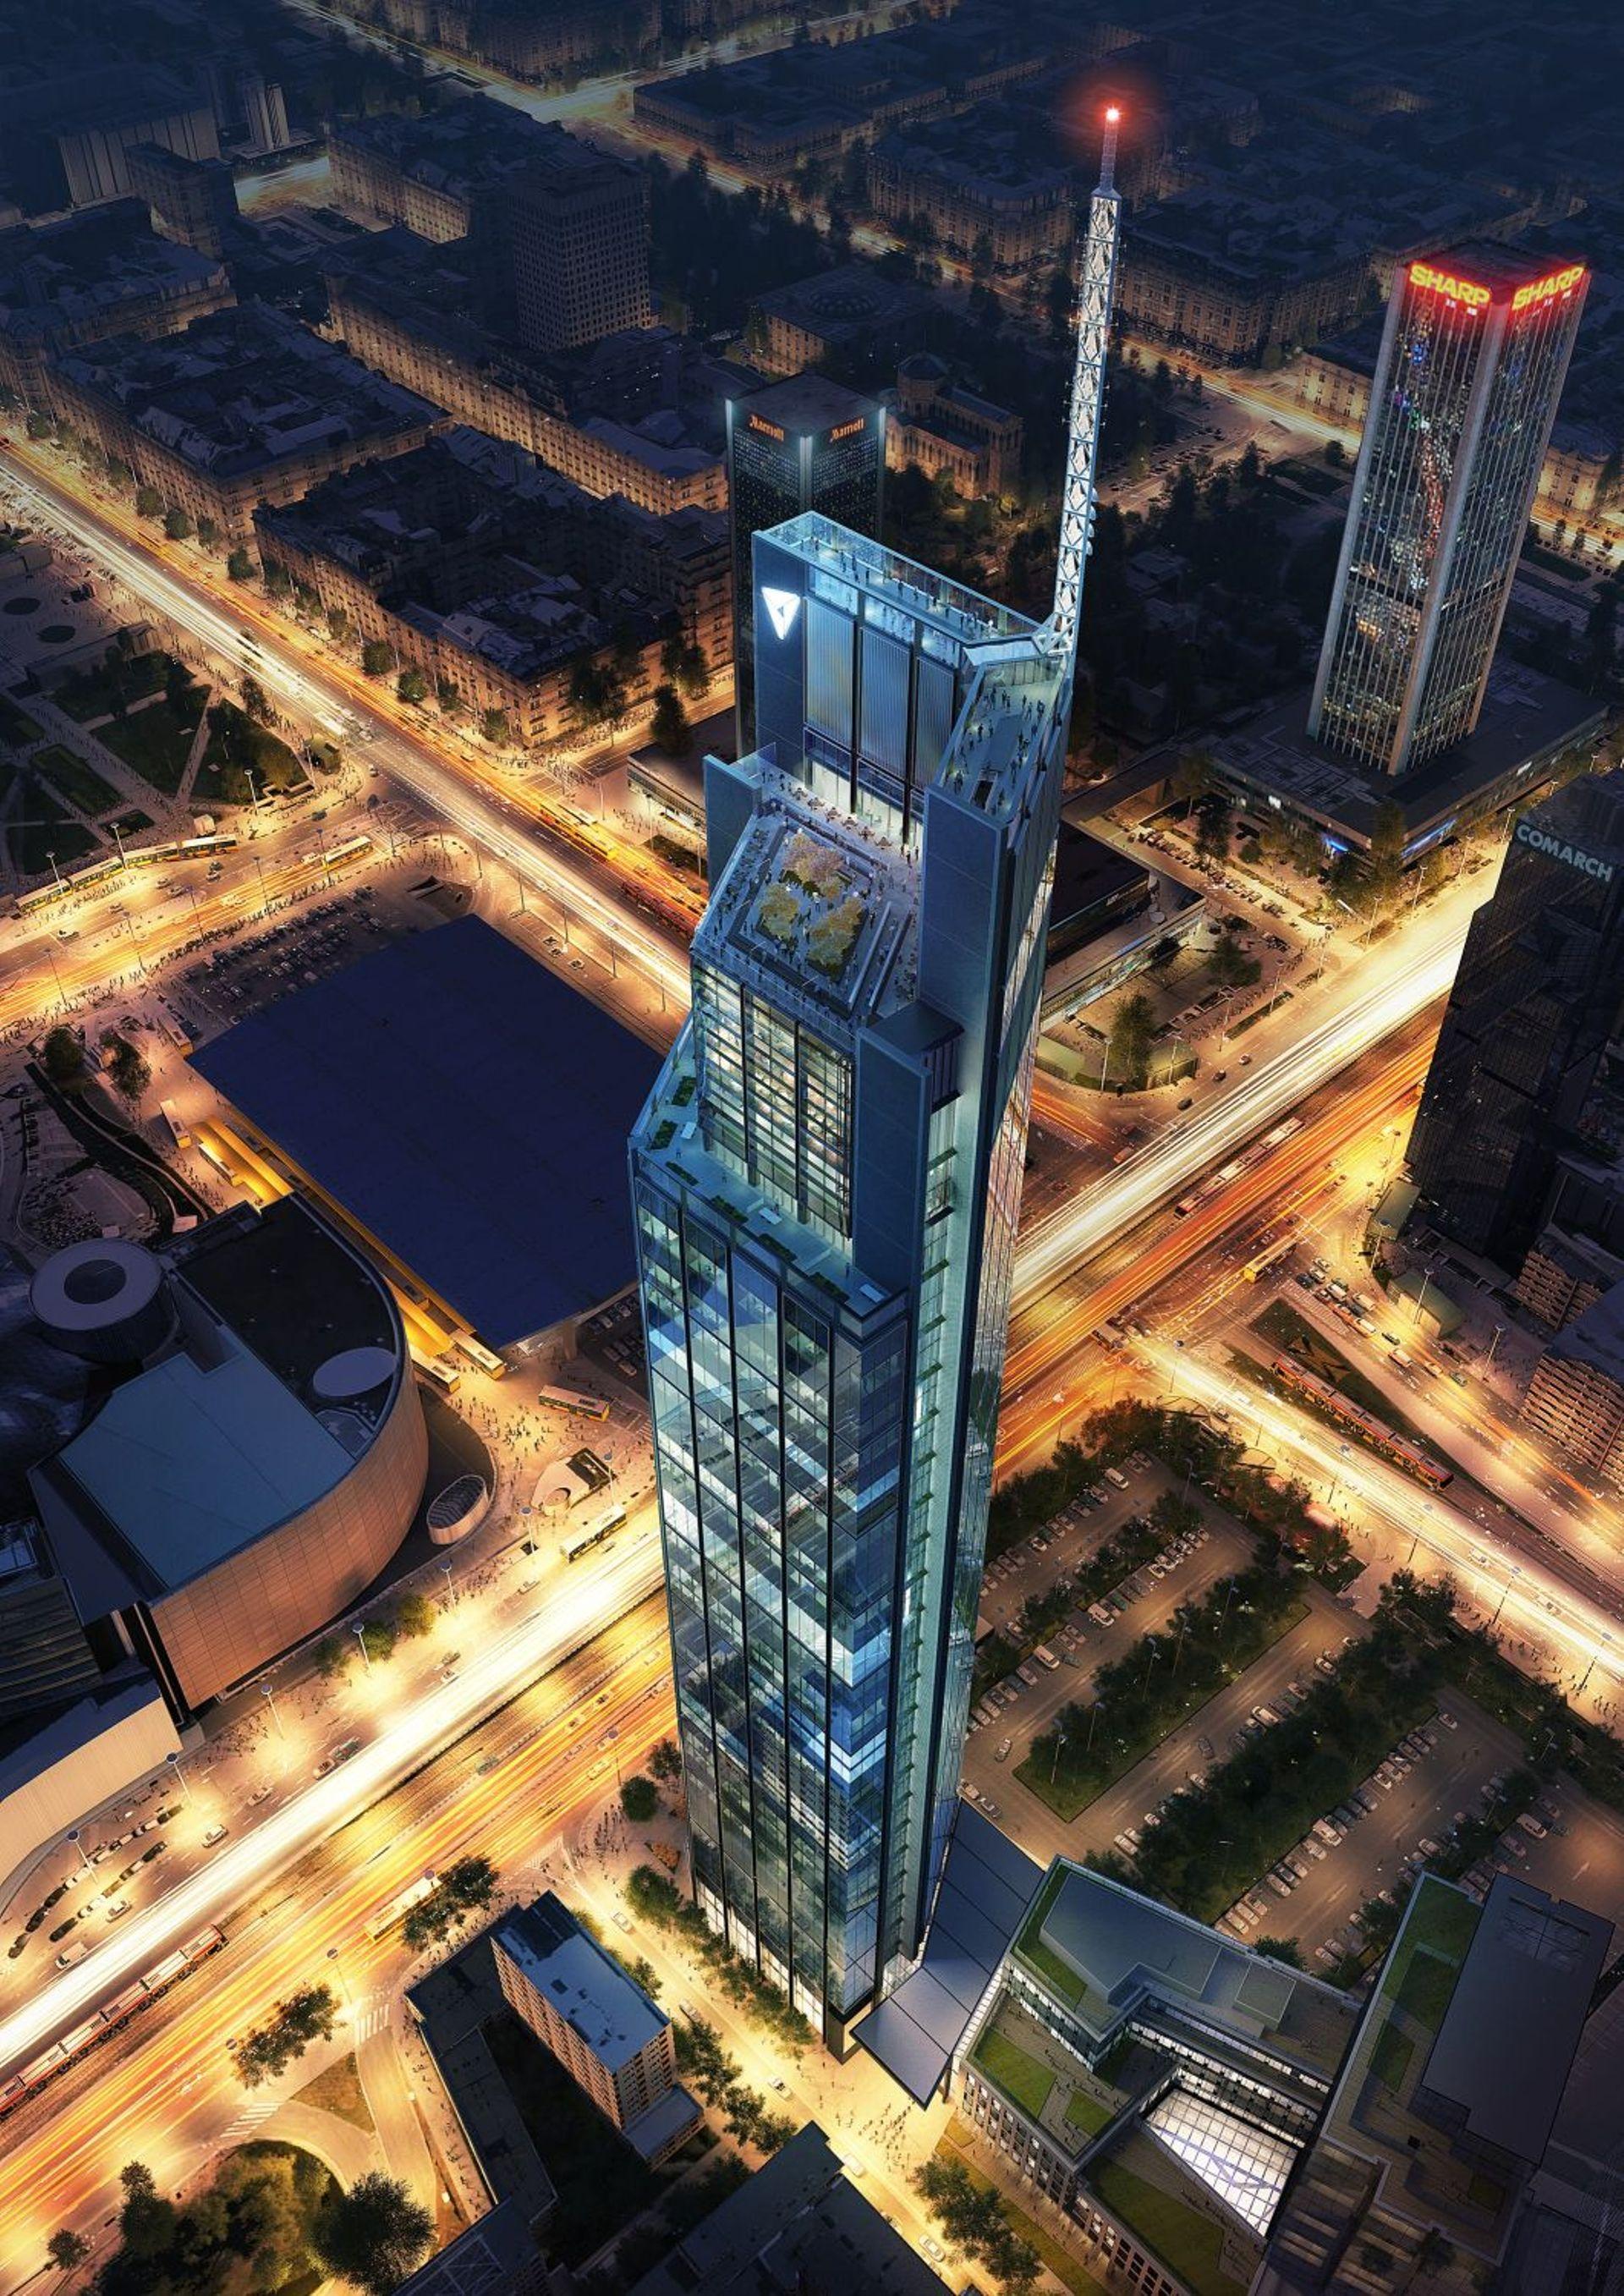 W Warszawie powstaje 310-metrowy wieżowiec Varso Tower [FILM]